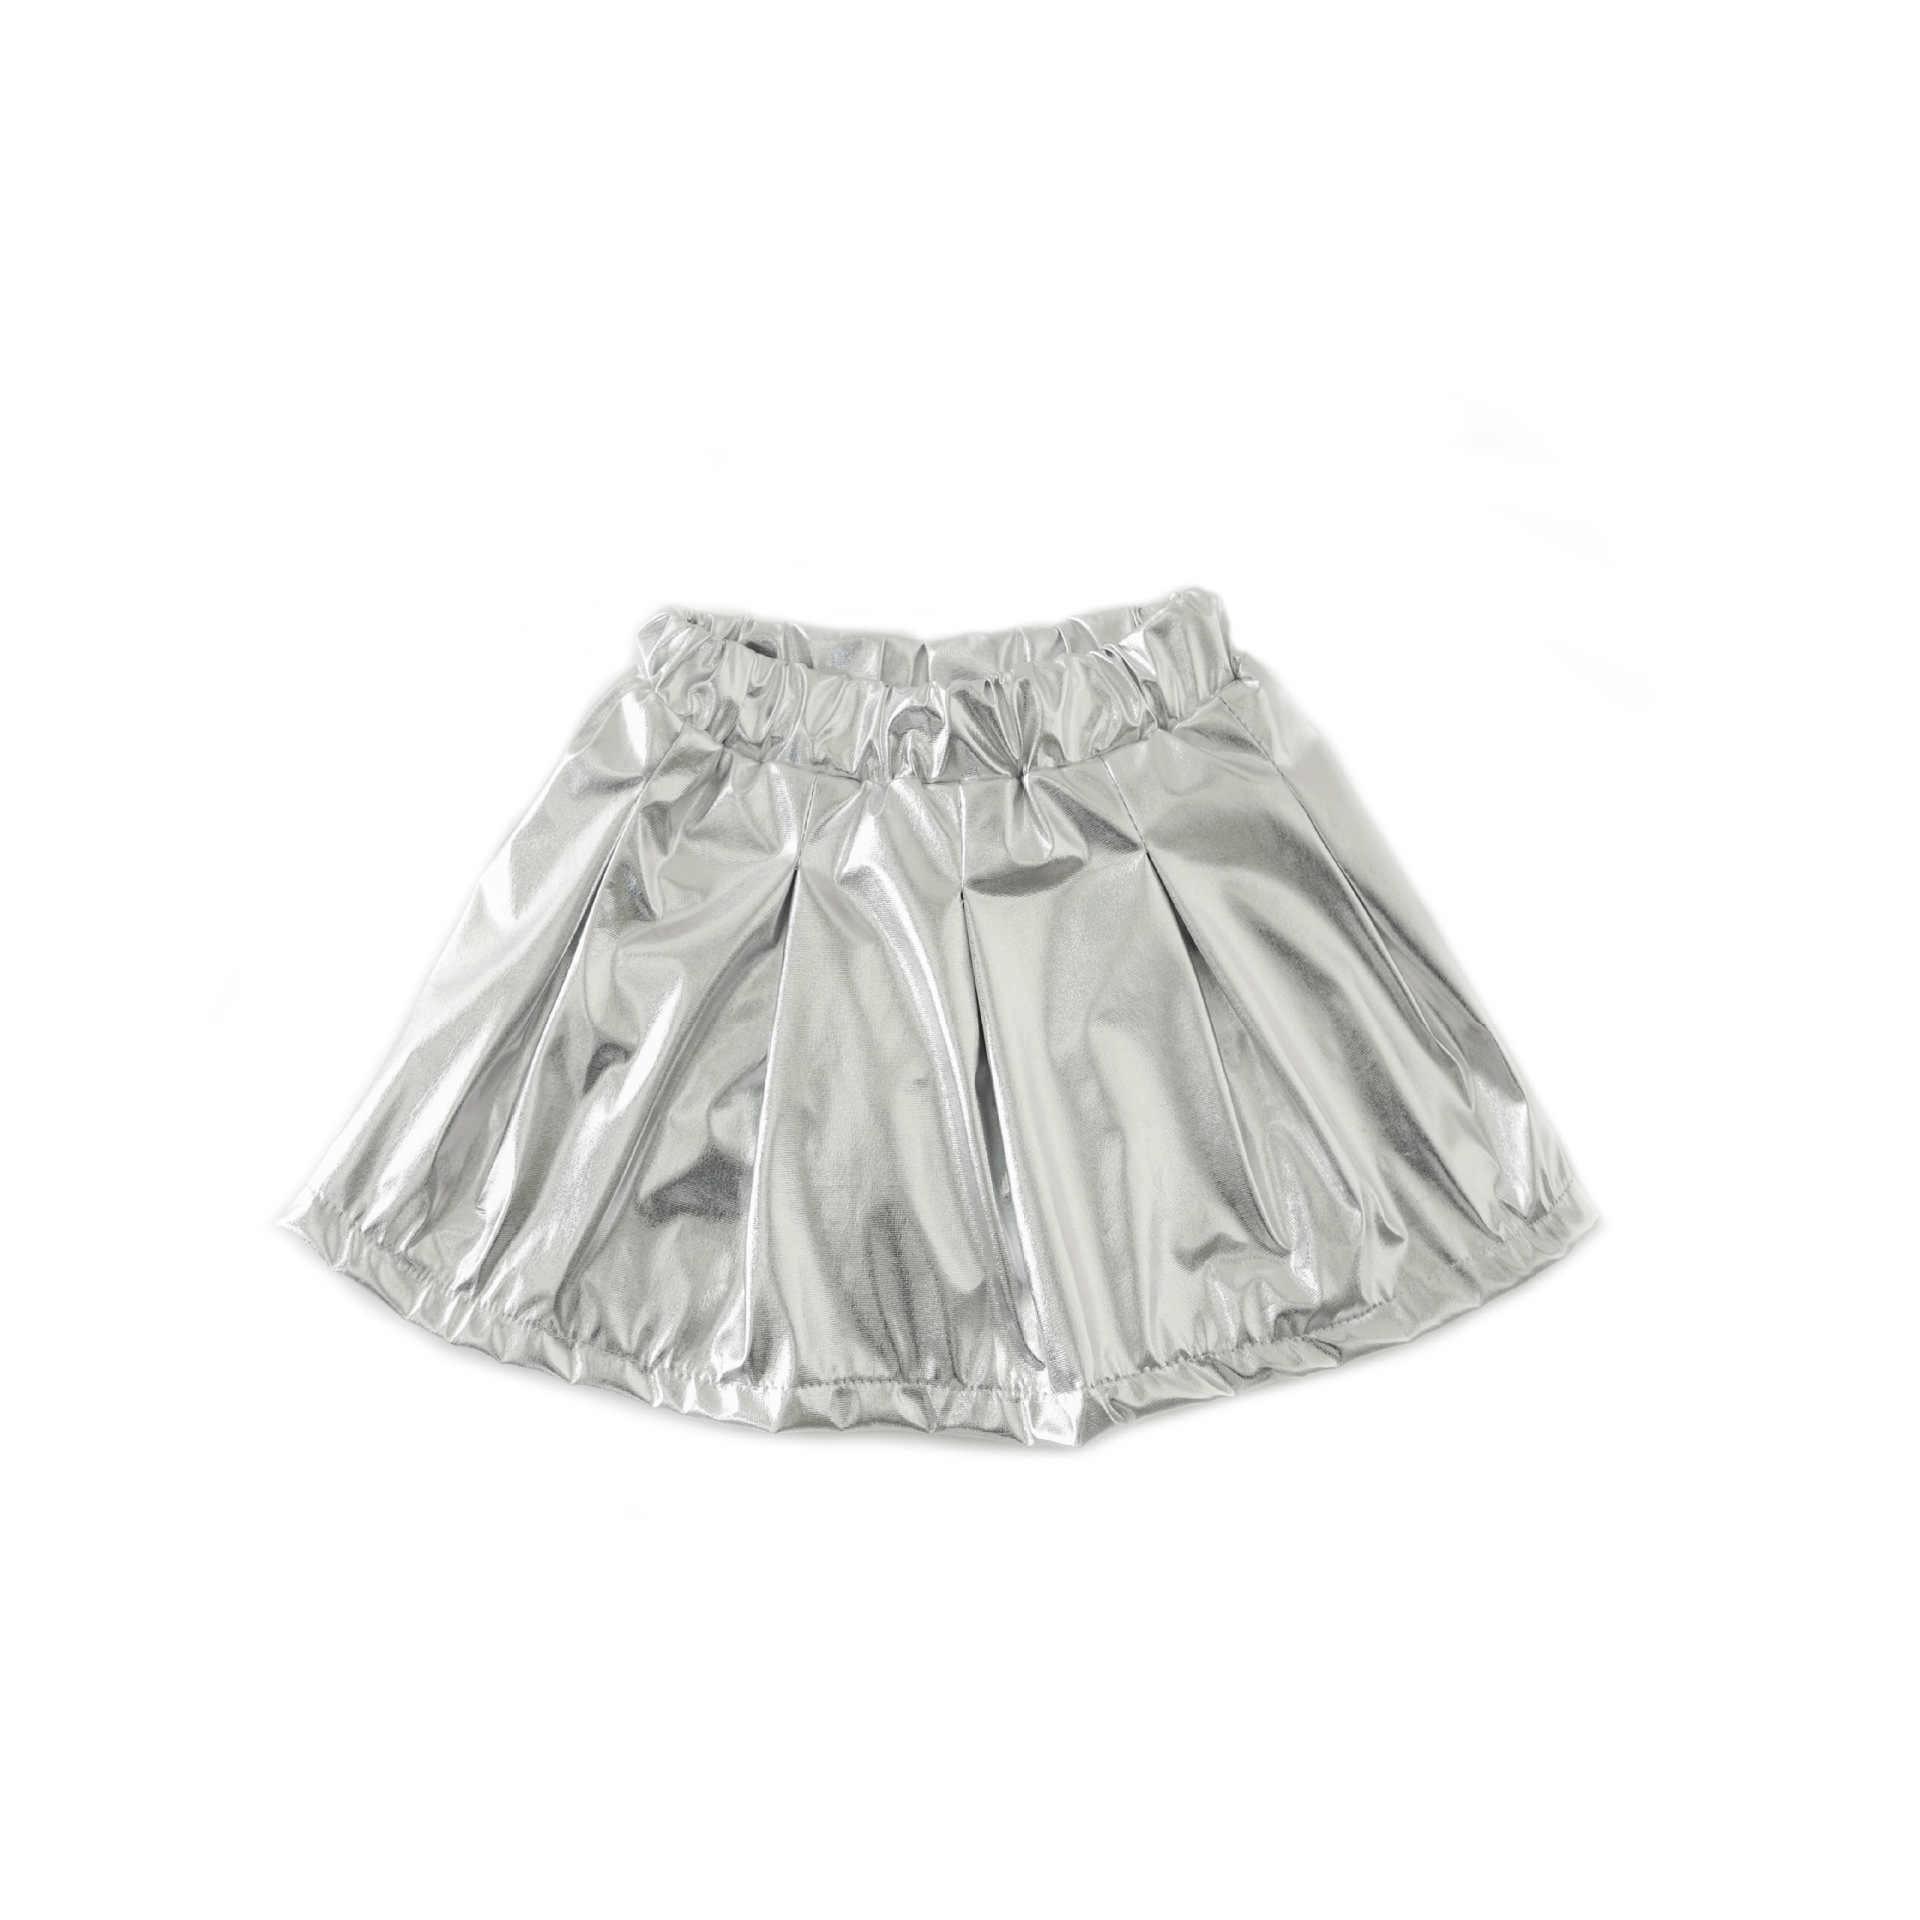 Детская одежда в стиле хип-хоп для девочек и мальчиков, укороченный топ, рубашка куртка из искусственной кожи короткие штаны джазовый танцевальный бальный костюм Одежда для танцев